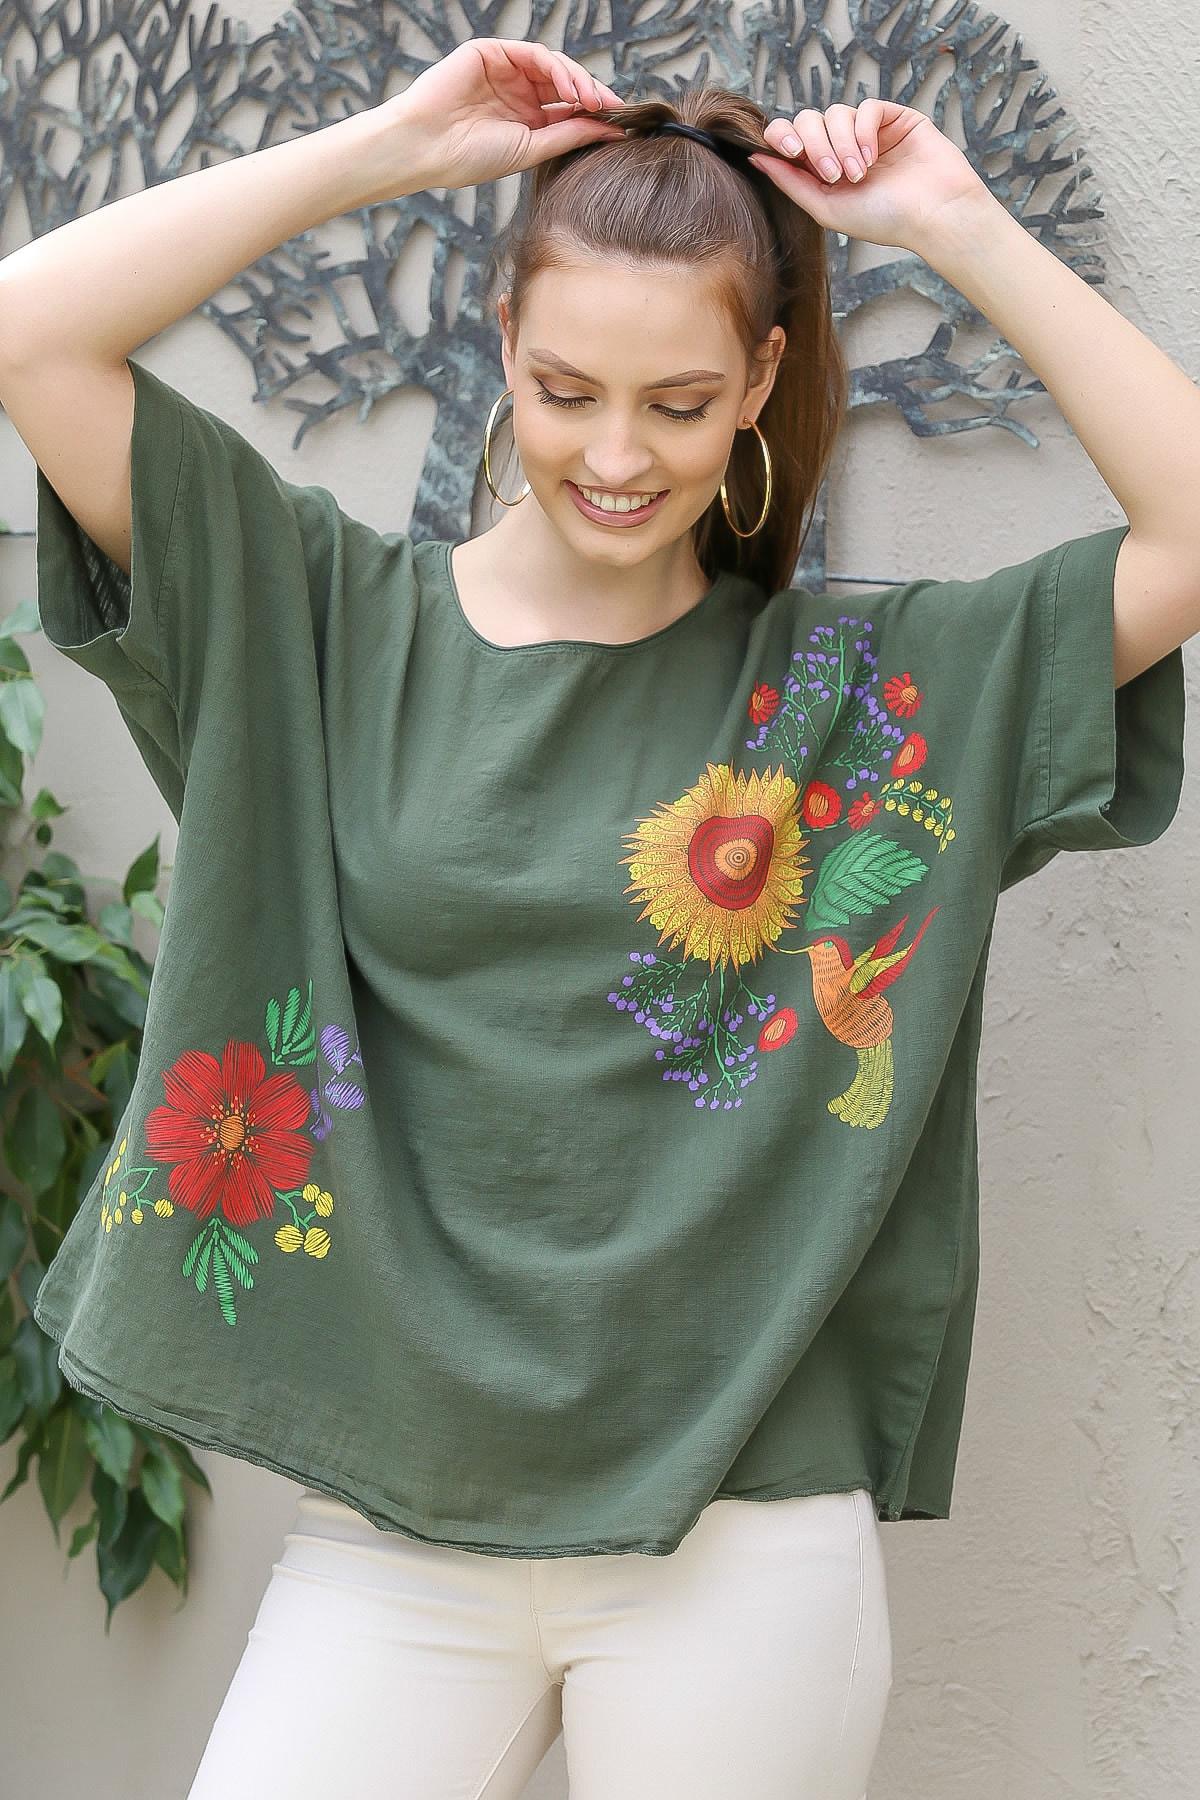 Chiccy Kadın Haki Sıfır Yaka Günebakan Çiçek Desenli Salaş Dokuma Bluz M10010200BL95412